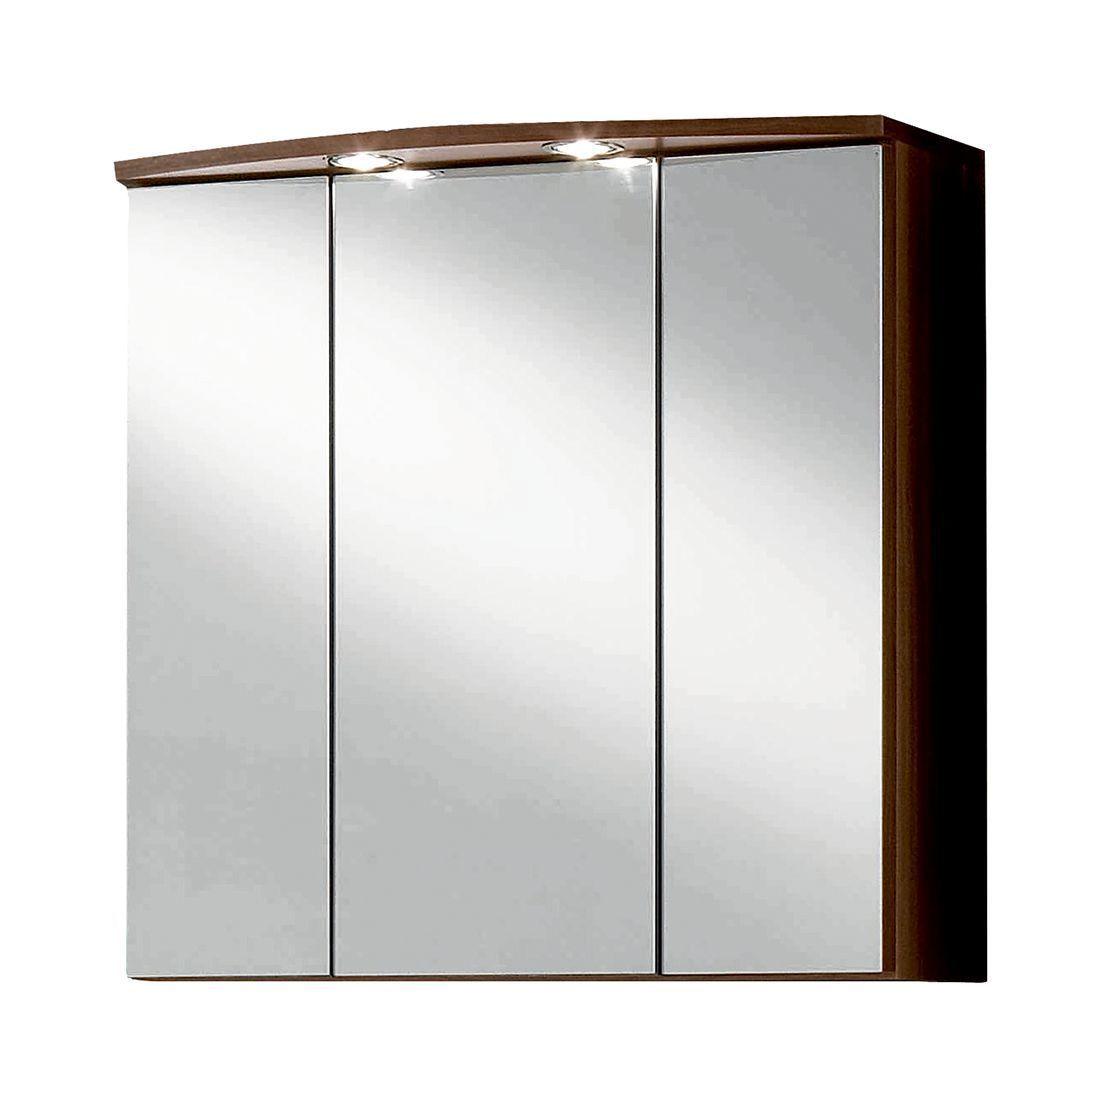 Eek A 3d Spiegelschrank Well Ness Eiche Dunkel Giessbach Jetzt Bestellen Unter Https Moebel Ladendirekt Spiegelschrank Spiegelschranke Furs Bad Schrank